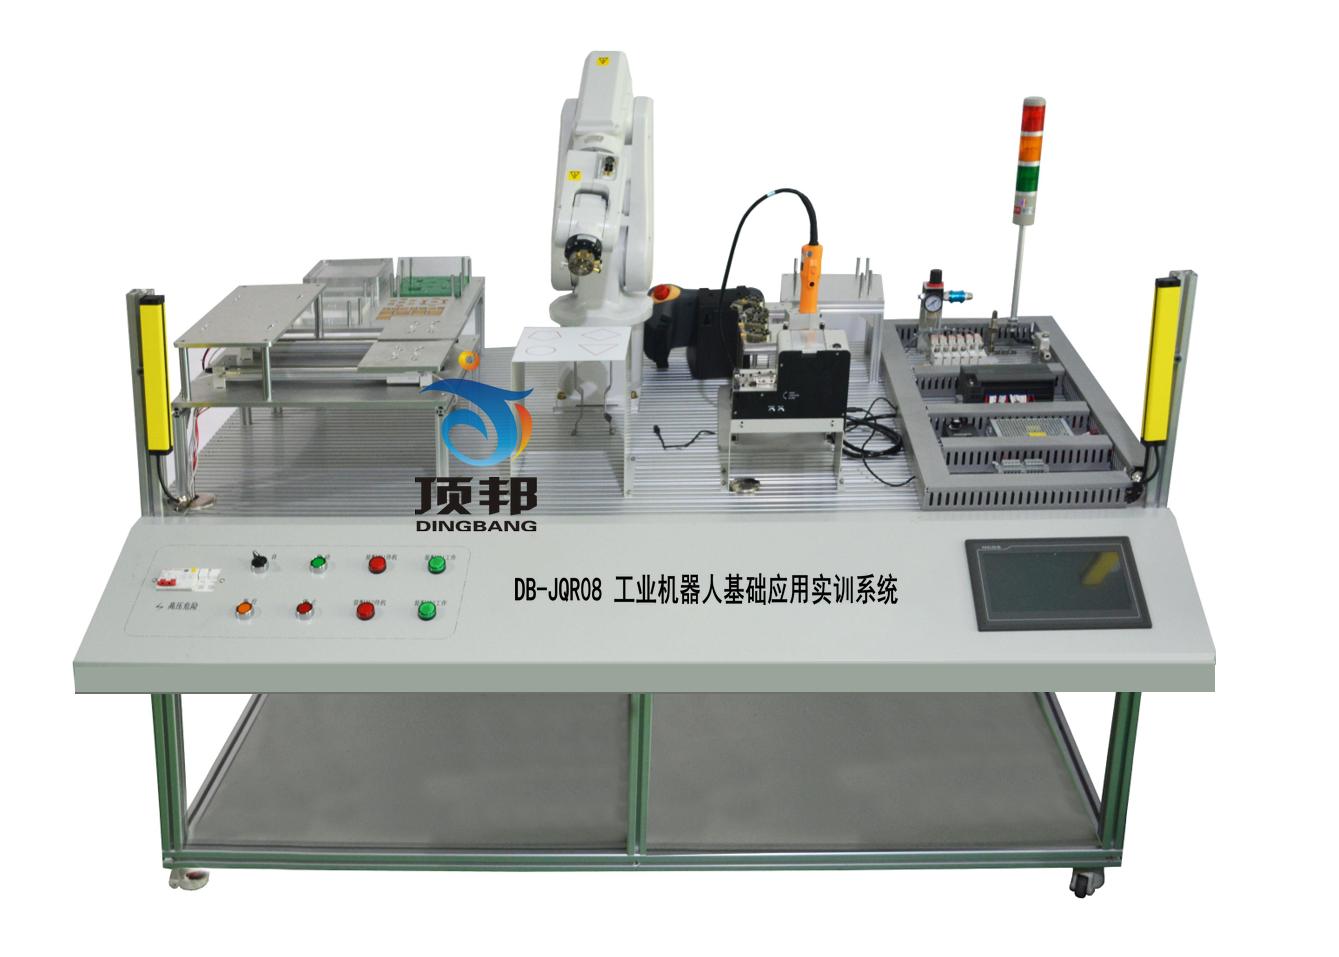 工业机器人基础应用实训系统